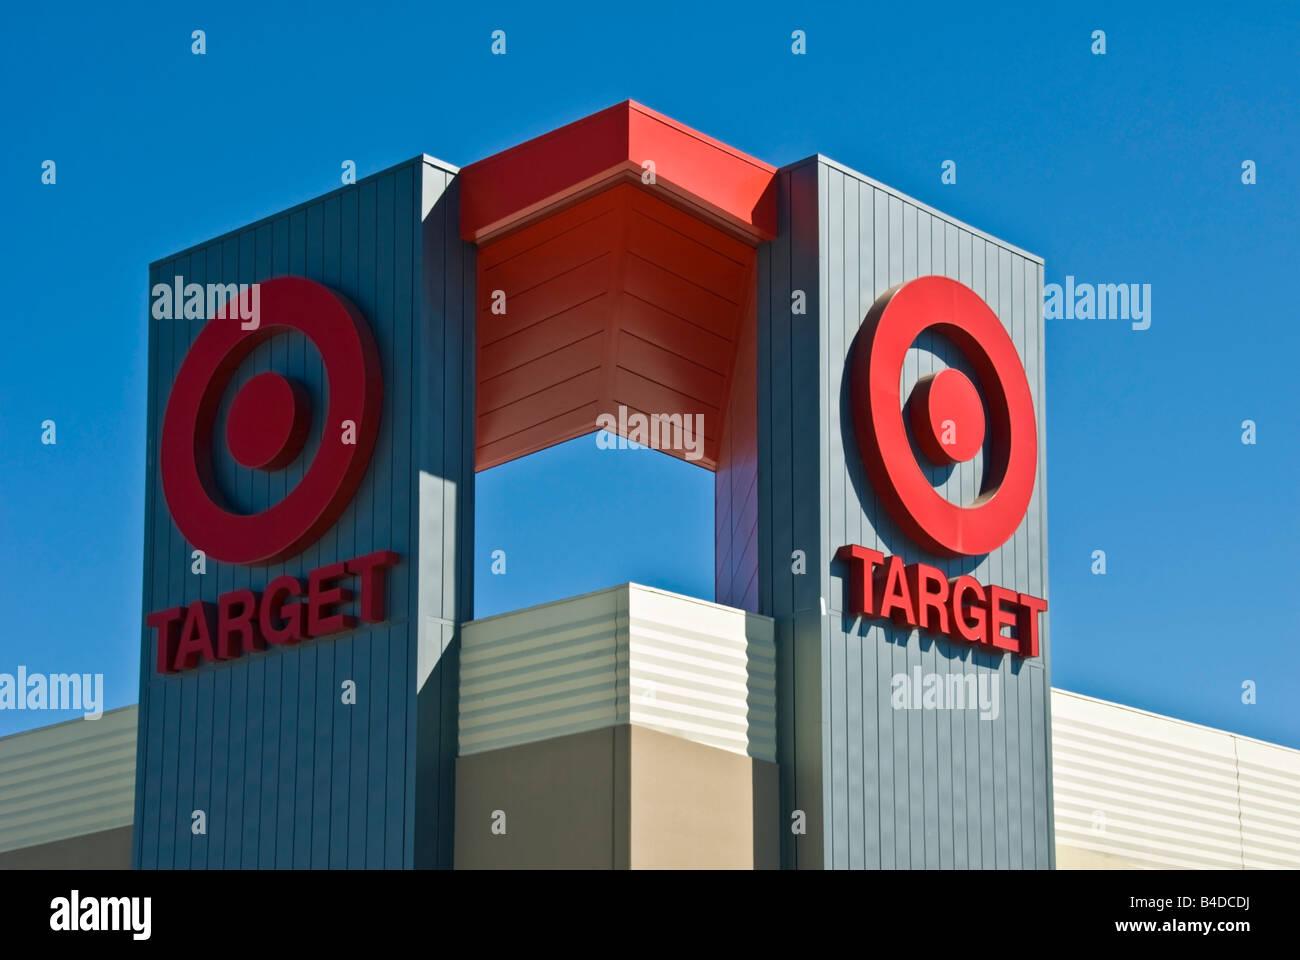 Ziel-Kaufhaus Zeichen Logo Warner Center Topanga Shopping Center Los Angeles Kalifornien Usa Ziel Logo Schild außen Stockfoto